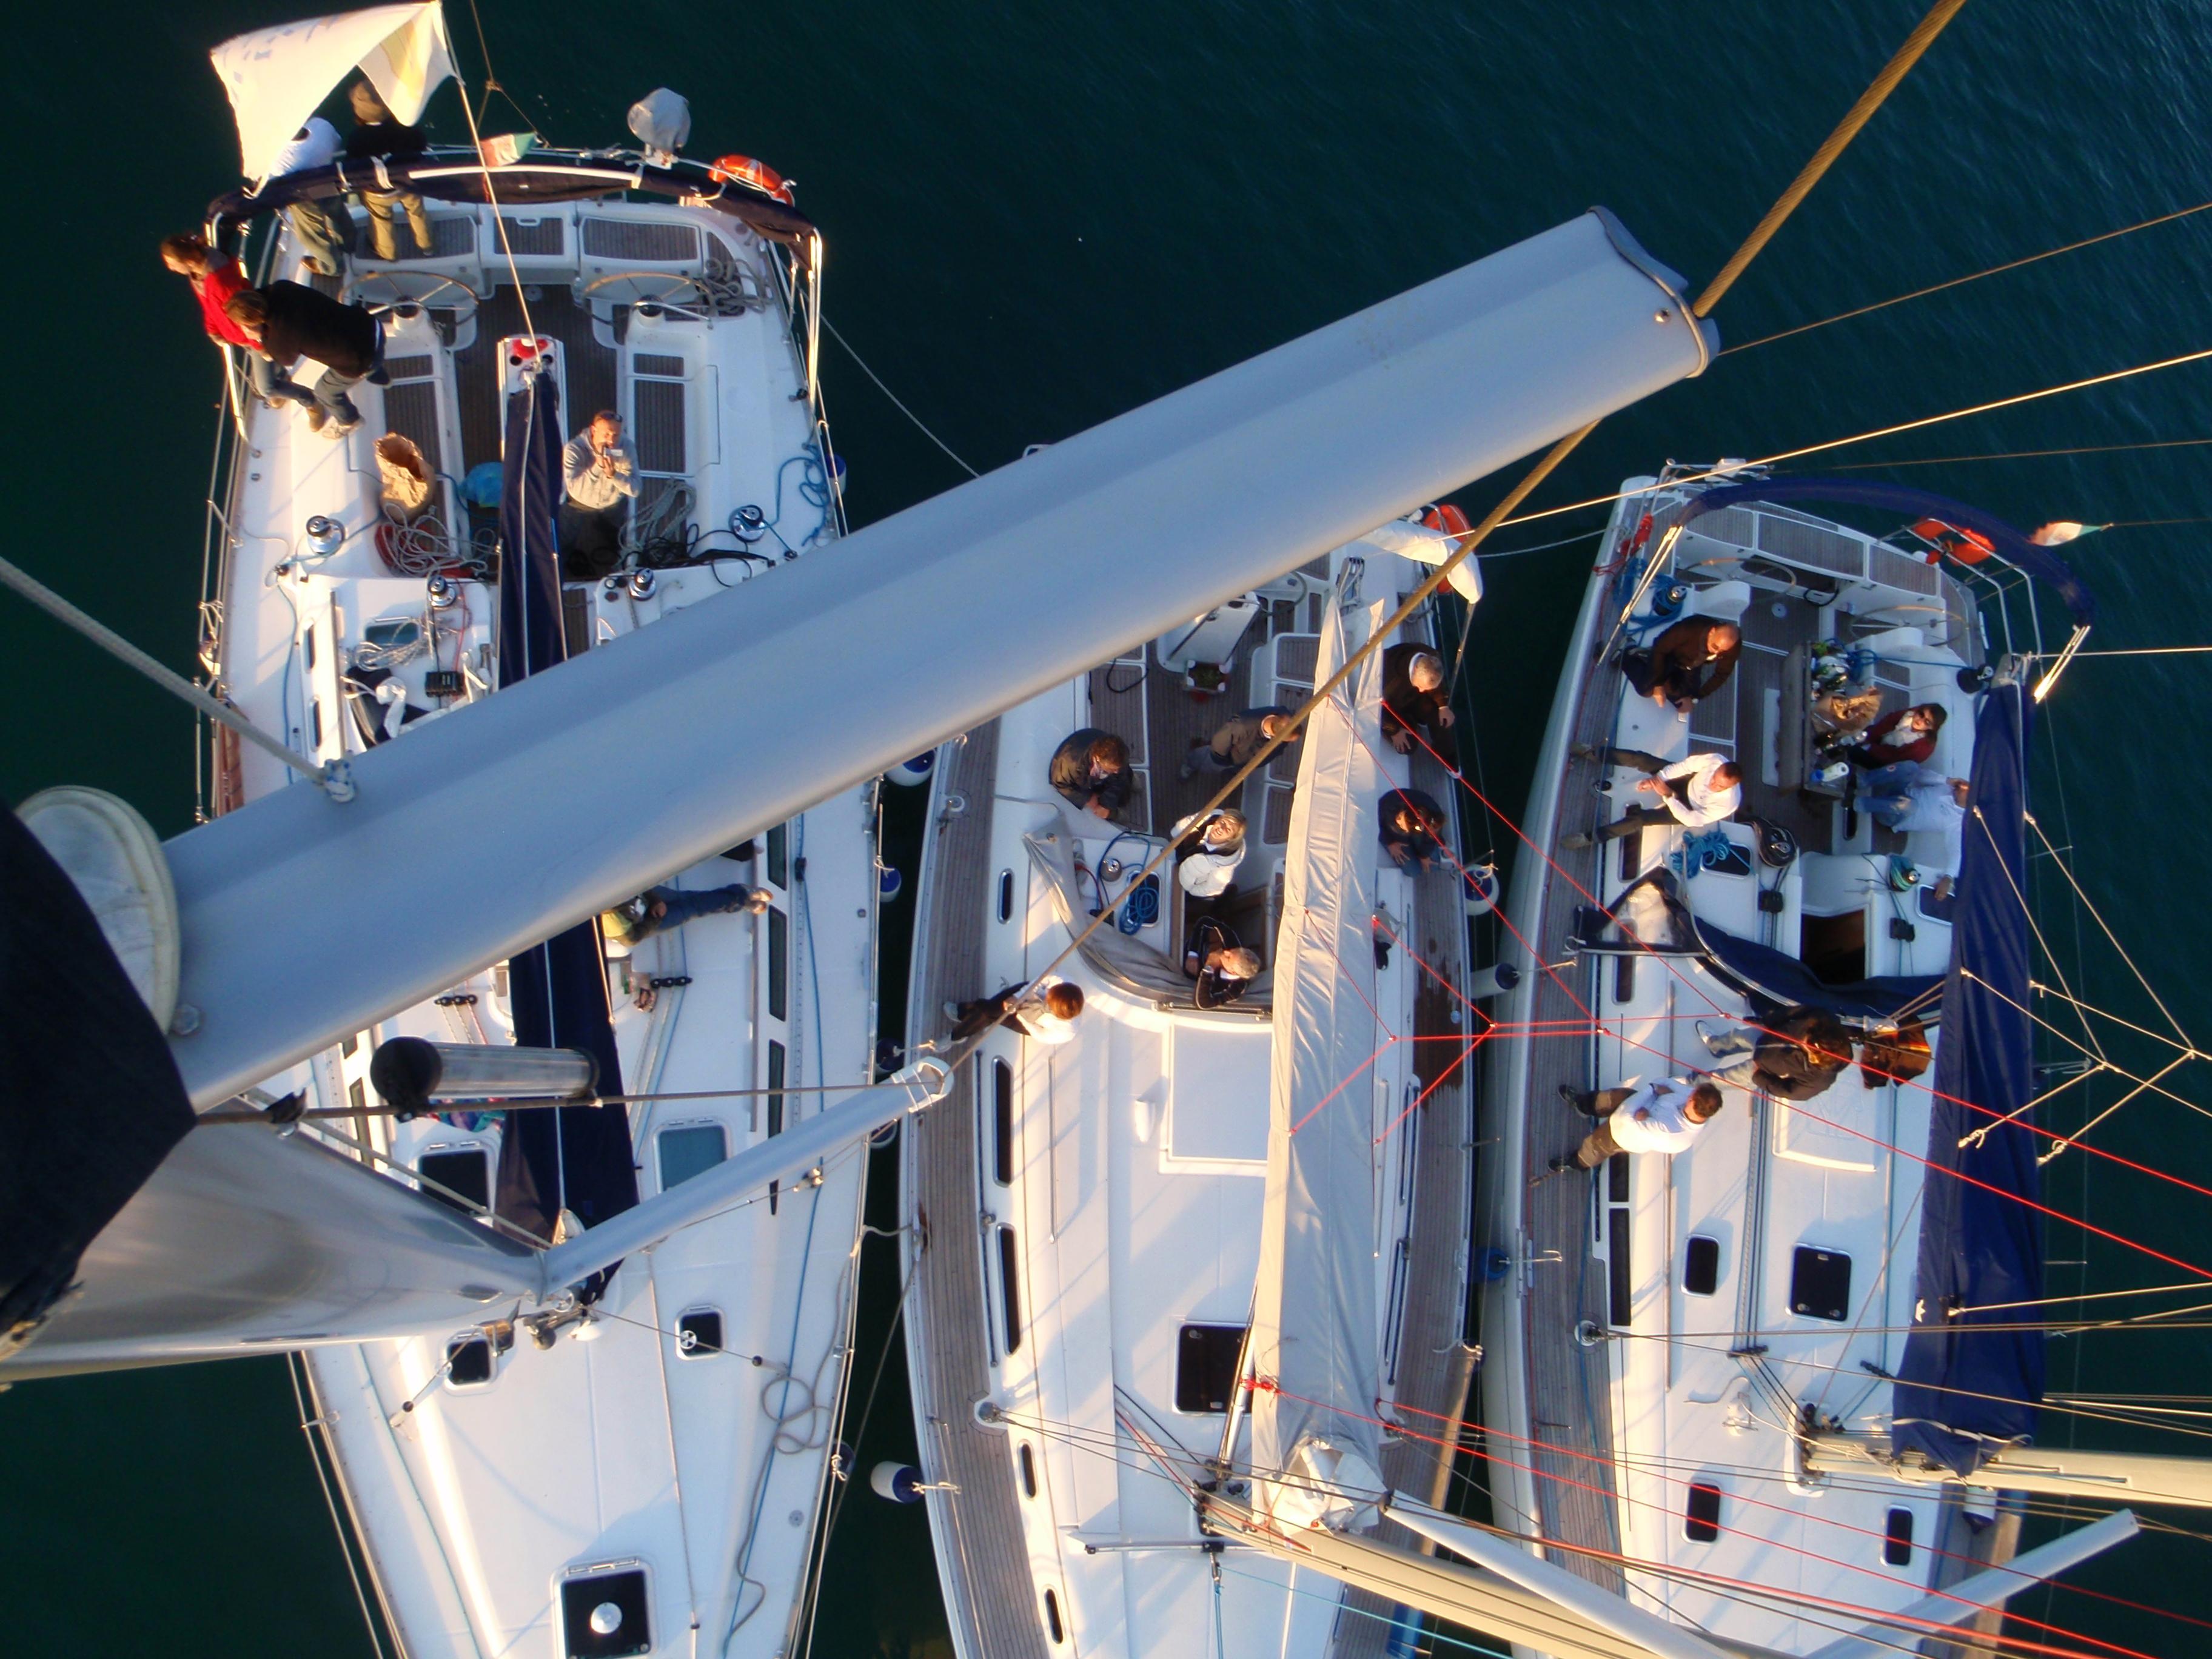 Noleggio barche a vela e motore Isola d'Elba